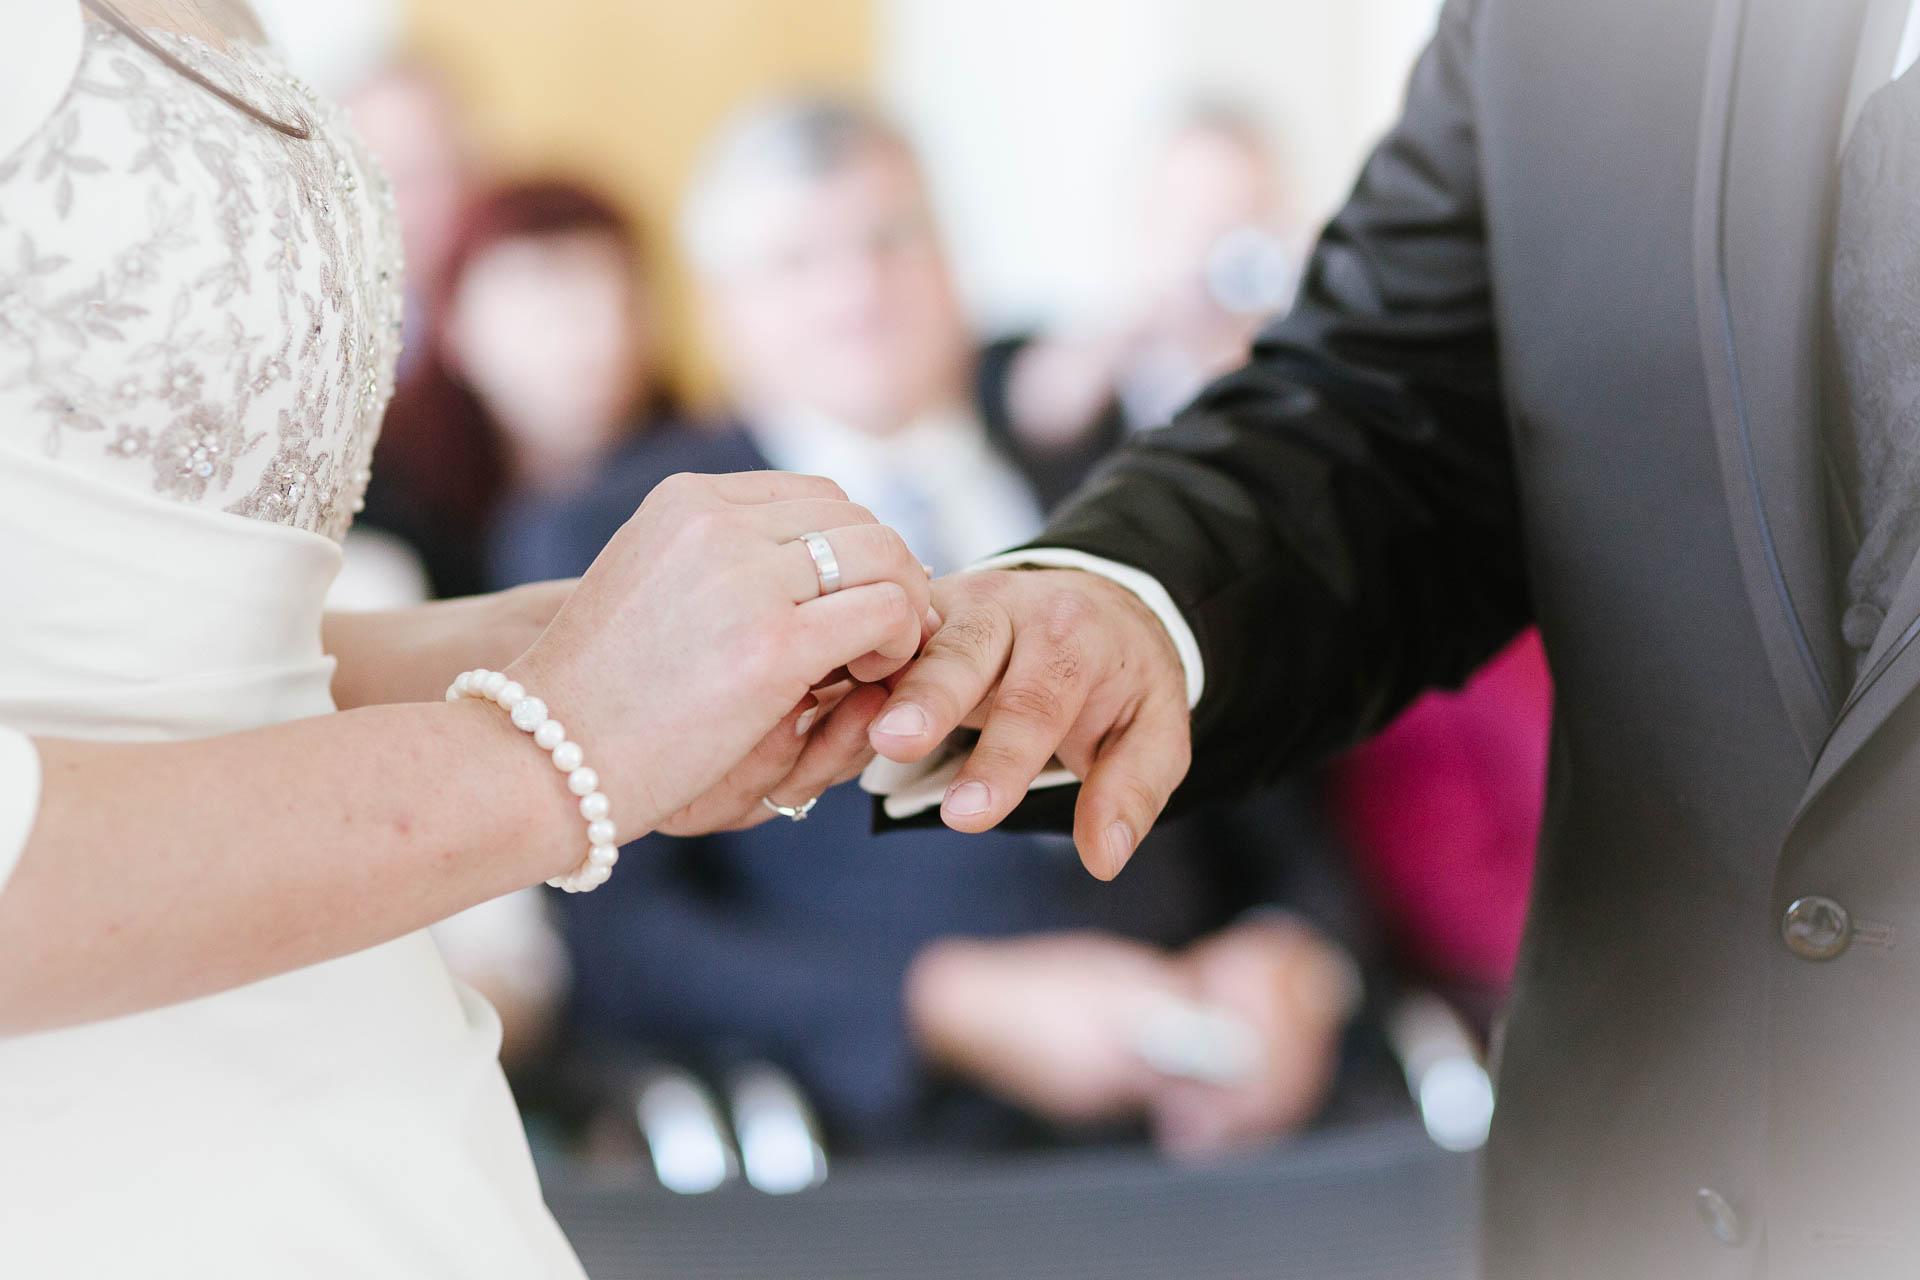 Brauti beim Ringtausch mit Bräutigam